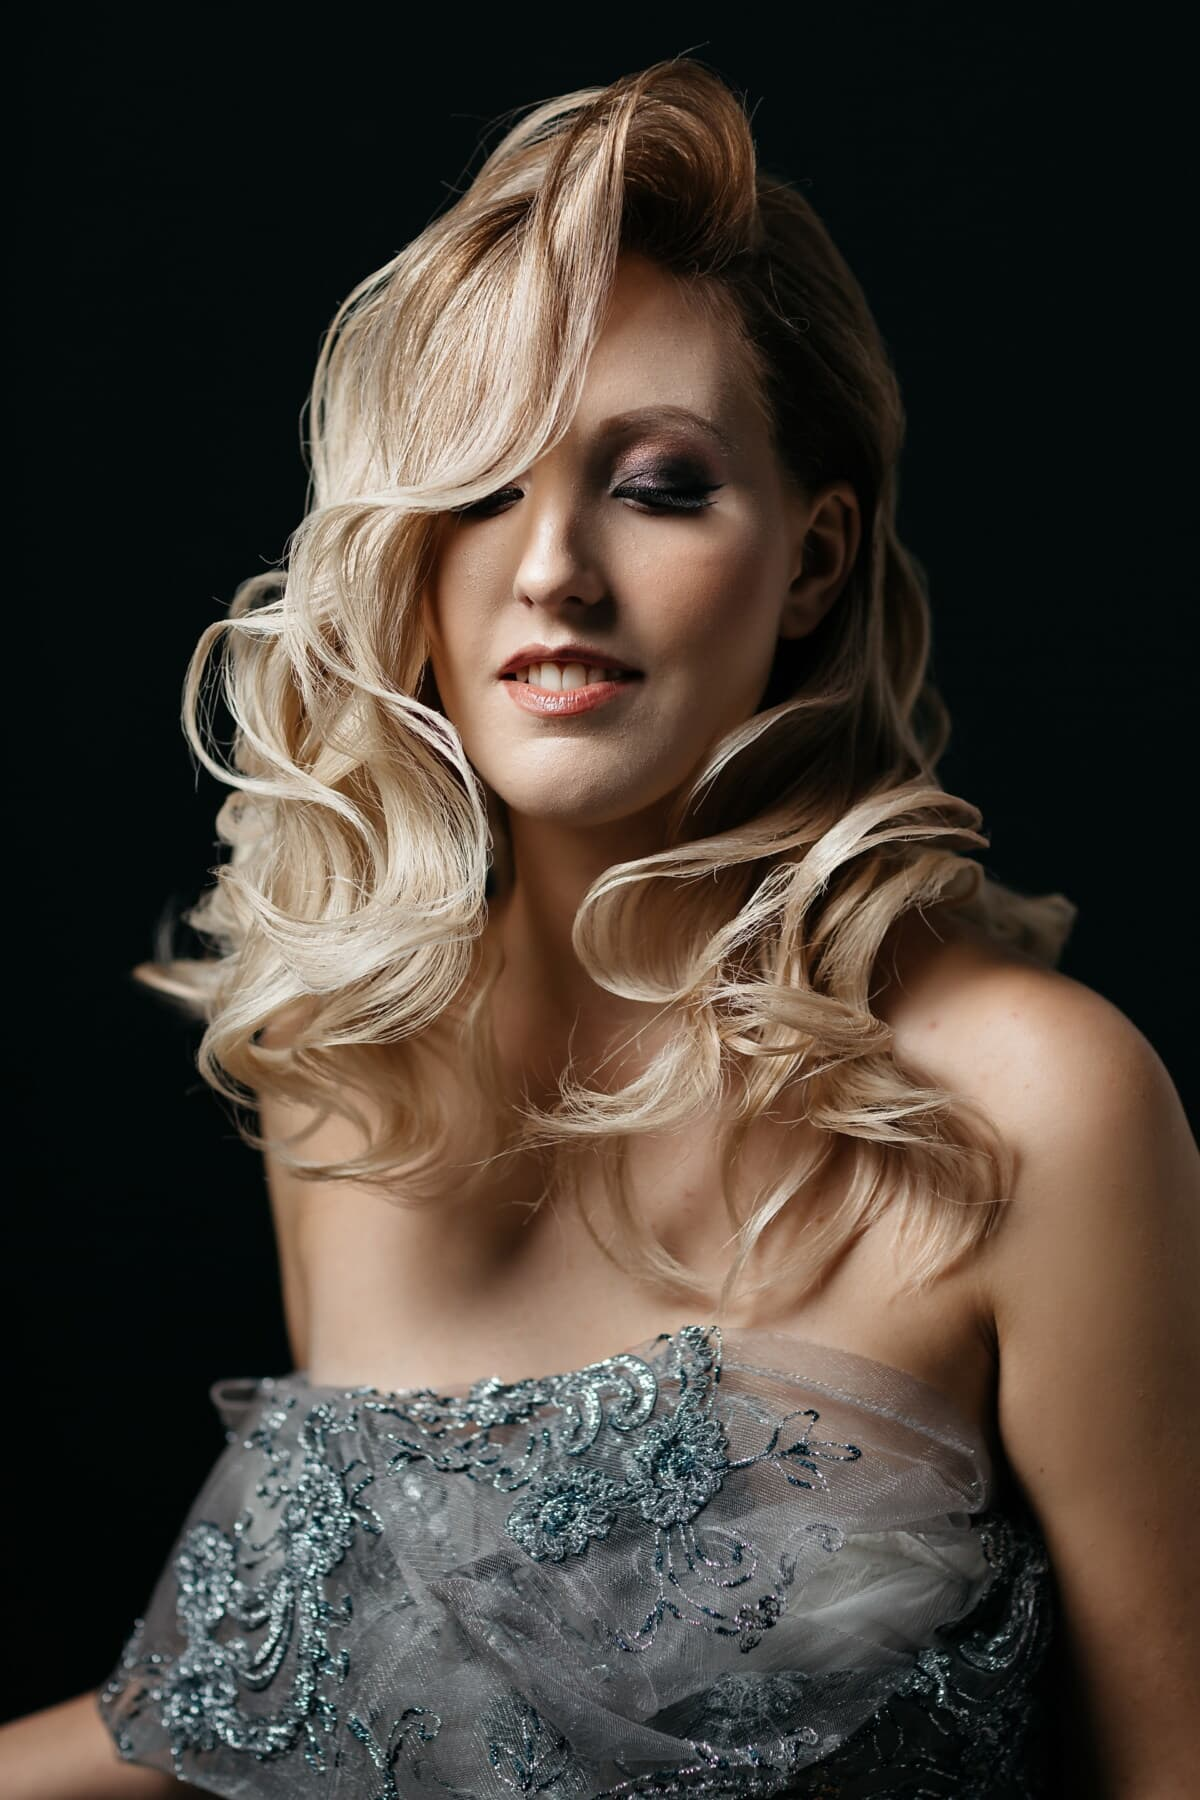 portret, studio fotografic, fata, umbra, părul blond, întunericul, tanara, atractive, păr, femeie